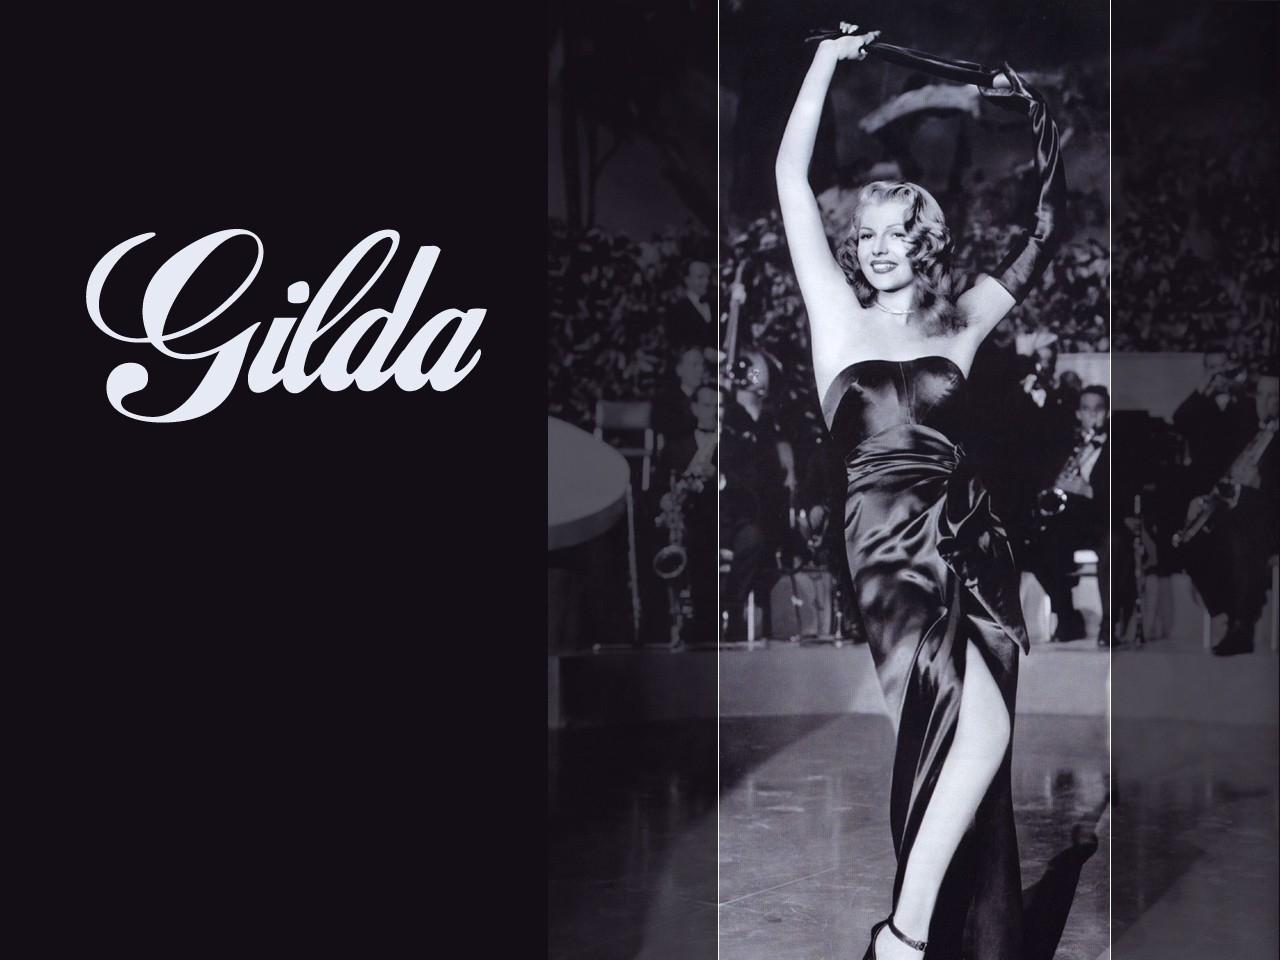 Wallpaper del film Gilda